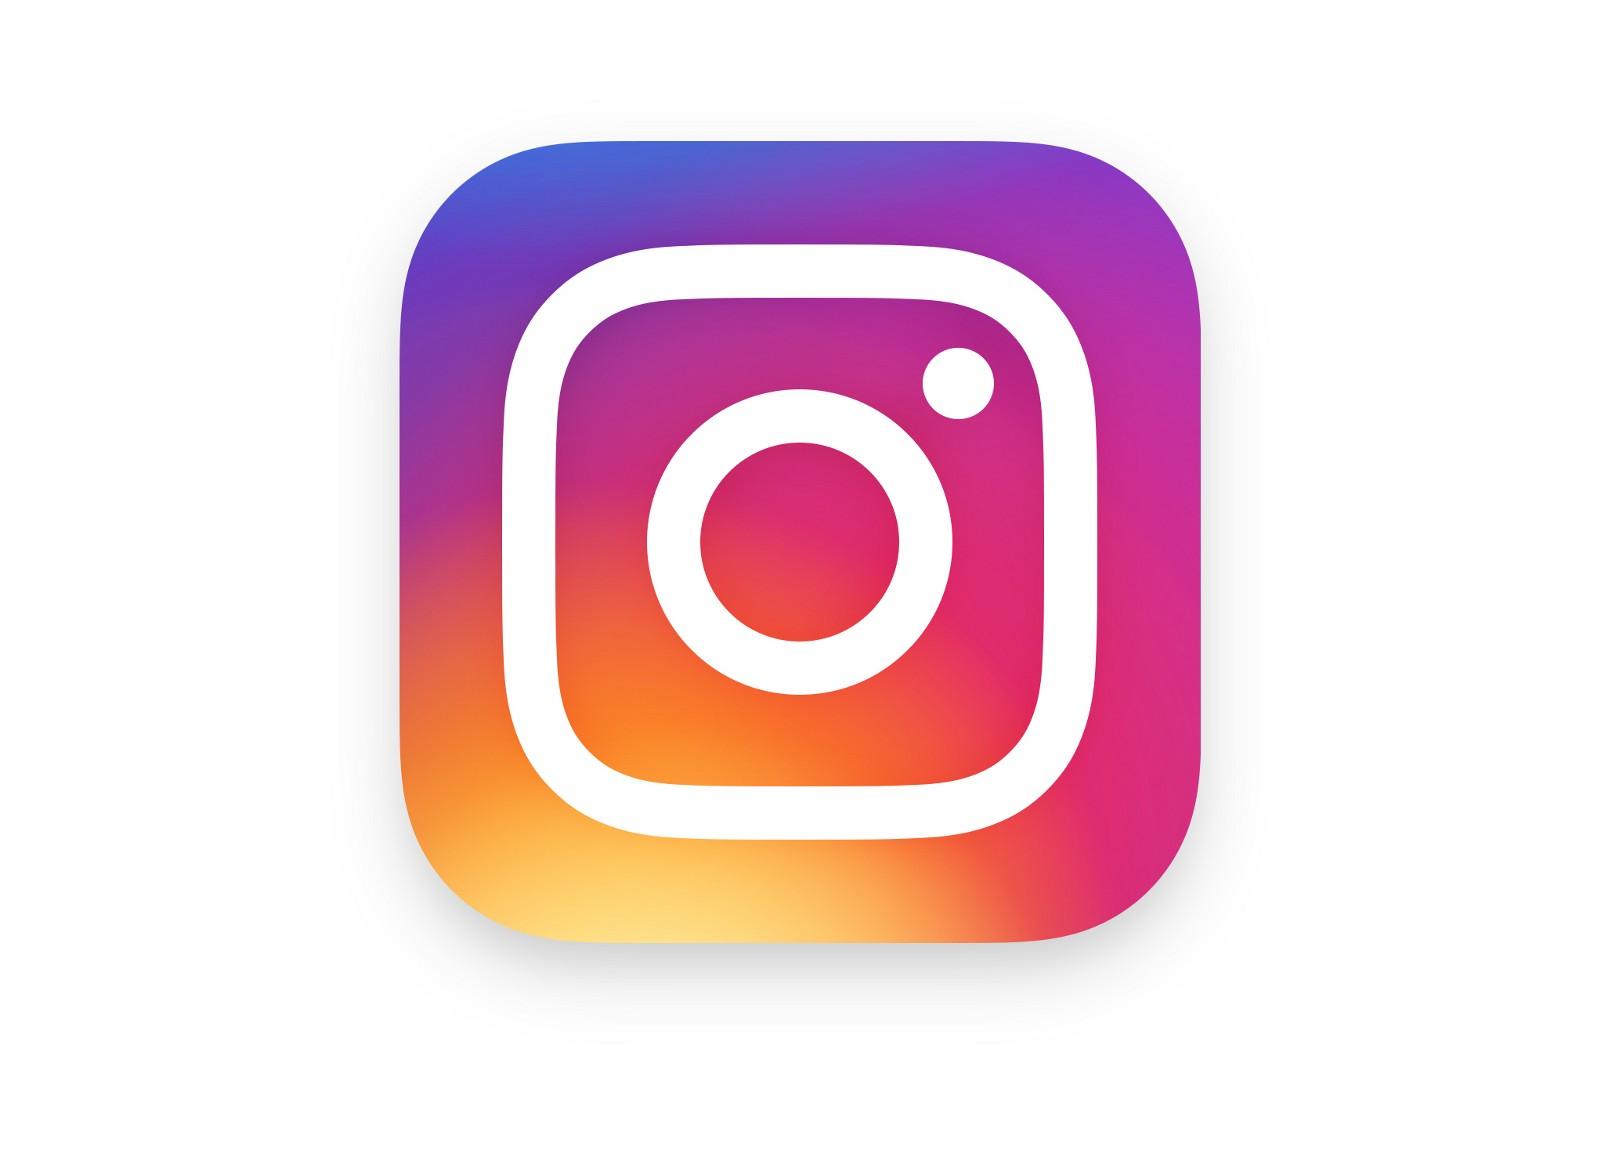 """Țara care vrea să blocheze Instagramul din cauza conținutului """"imoral și obscen"""""""